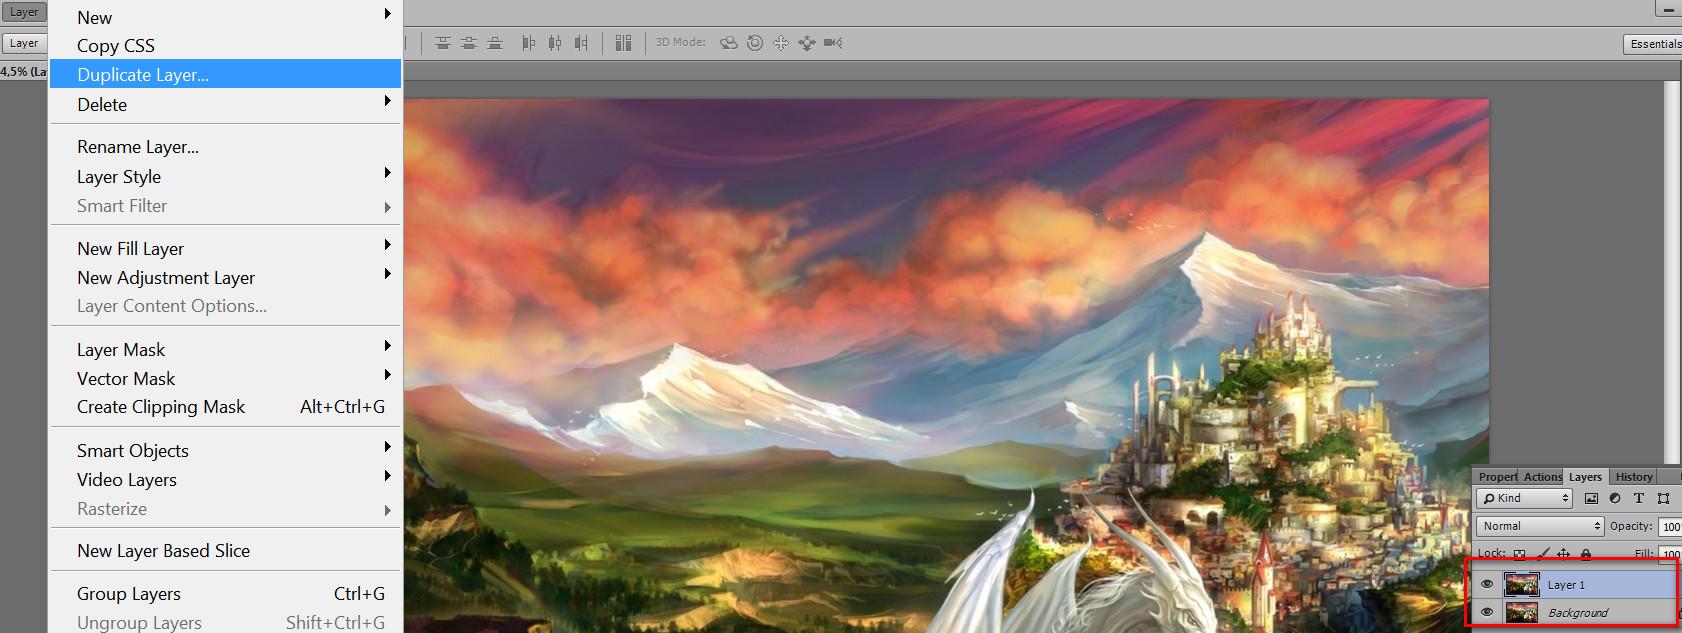 blur-background-01